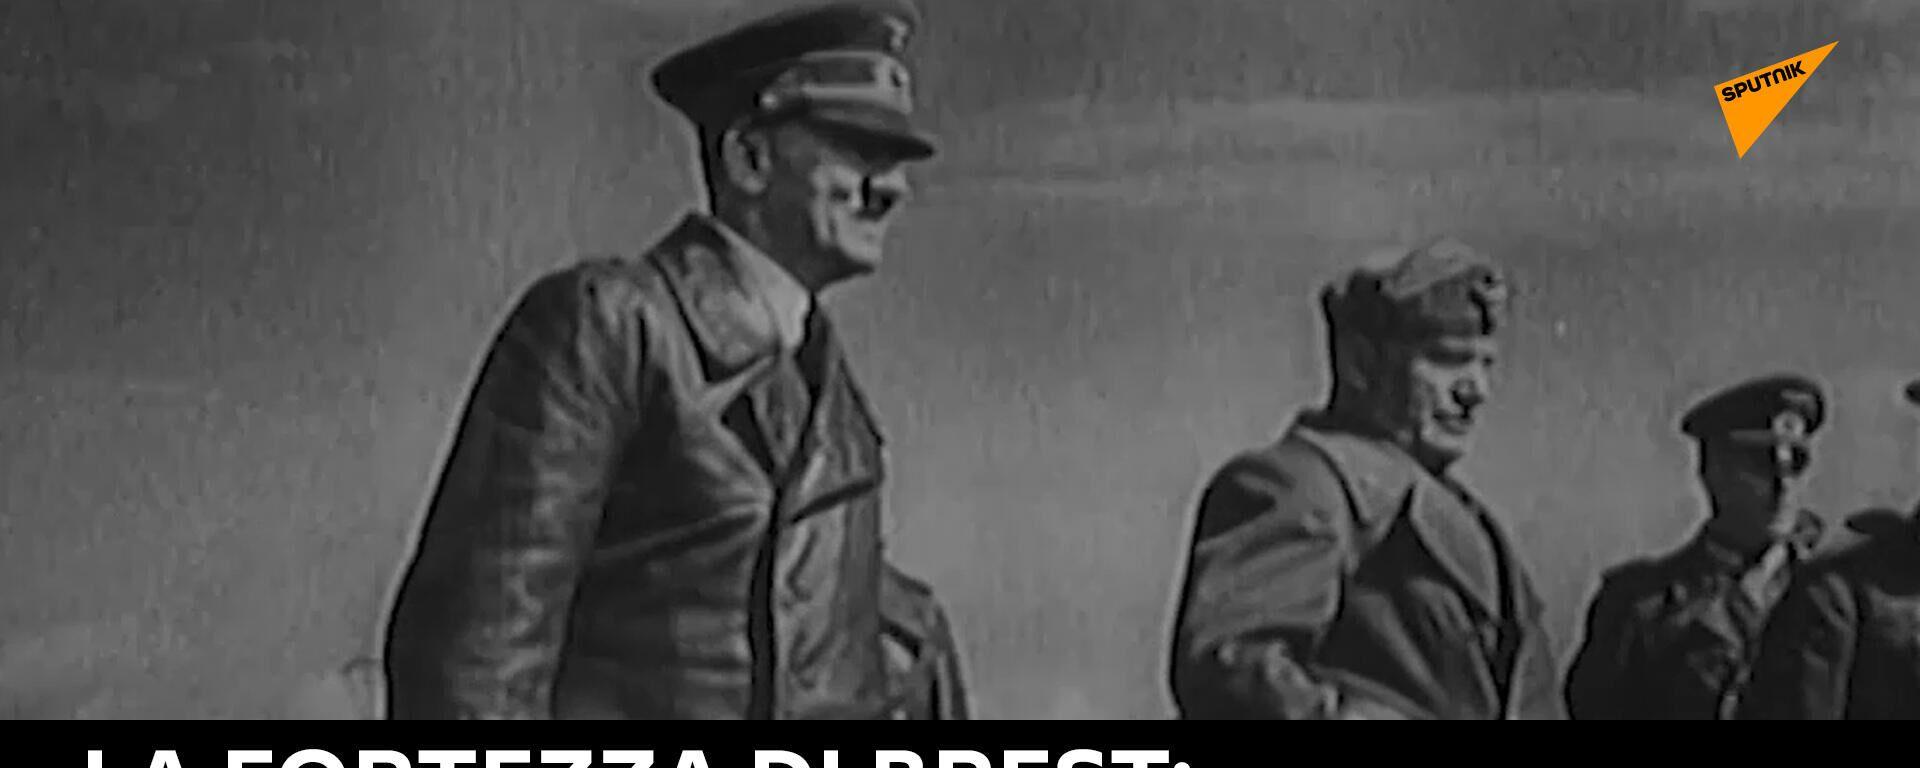 La fortezza di Brest: testimonianza della resistenza e del coraggio dell'Armata Rossa e del popolo sovietico - Sputnik Italia, 1920, 22.06.2021